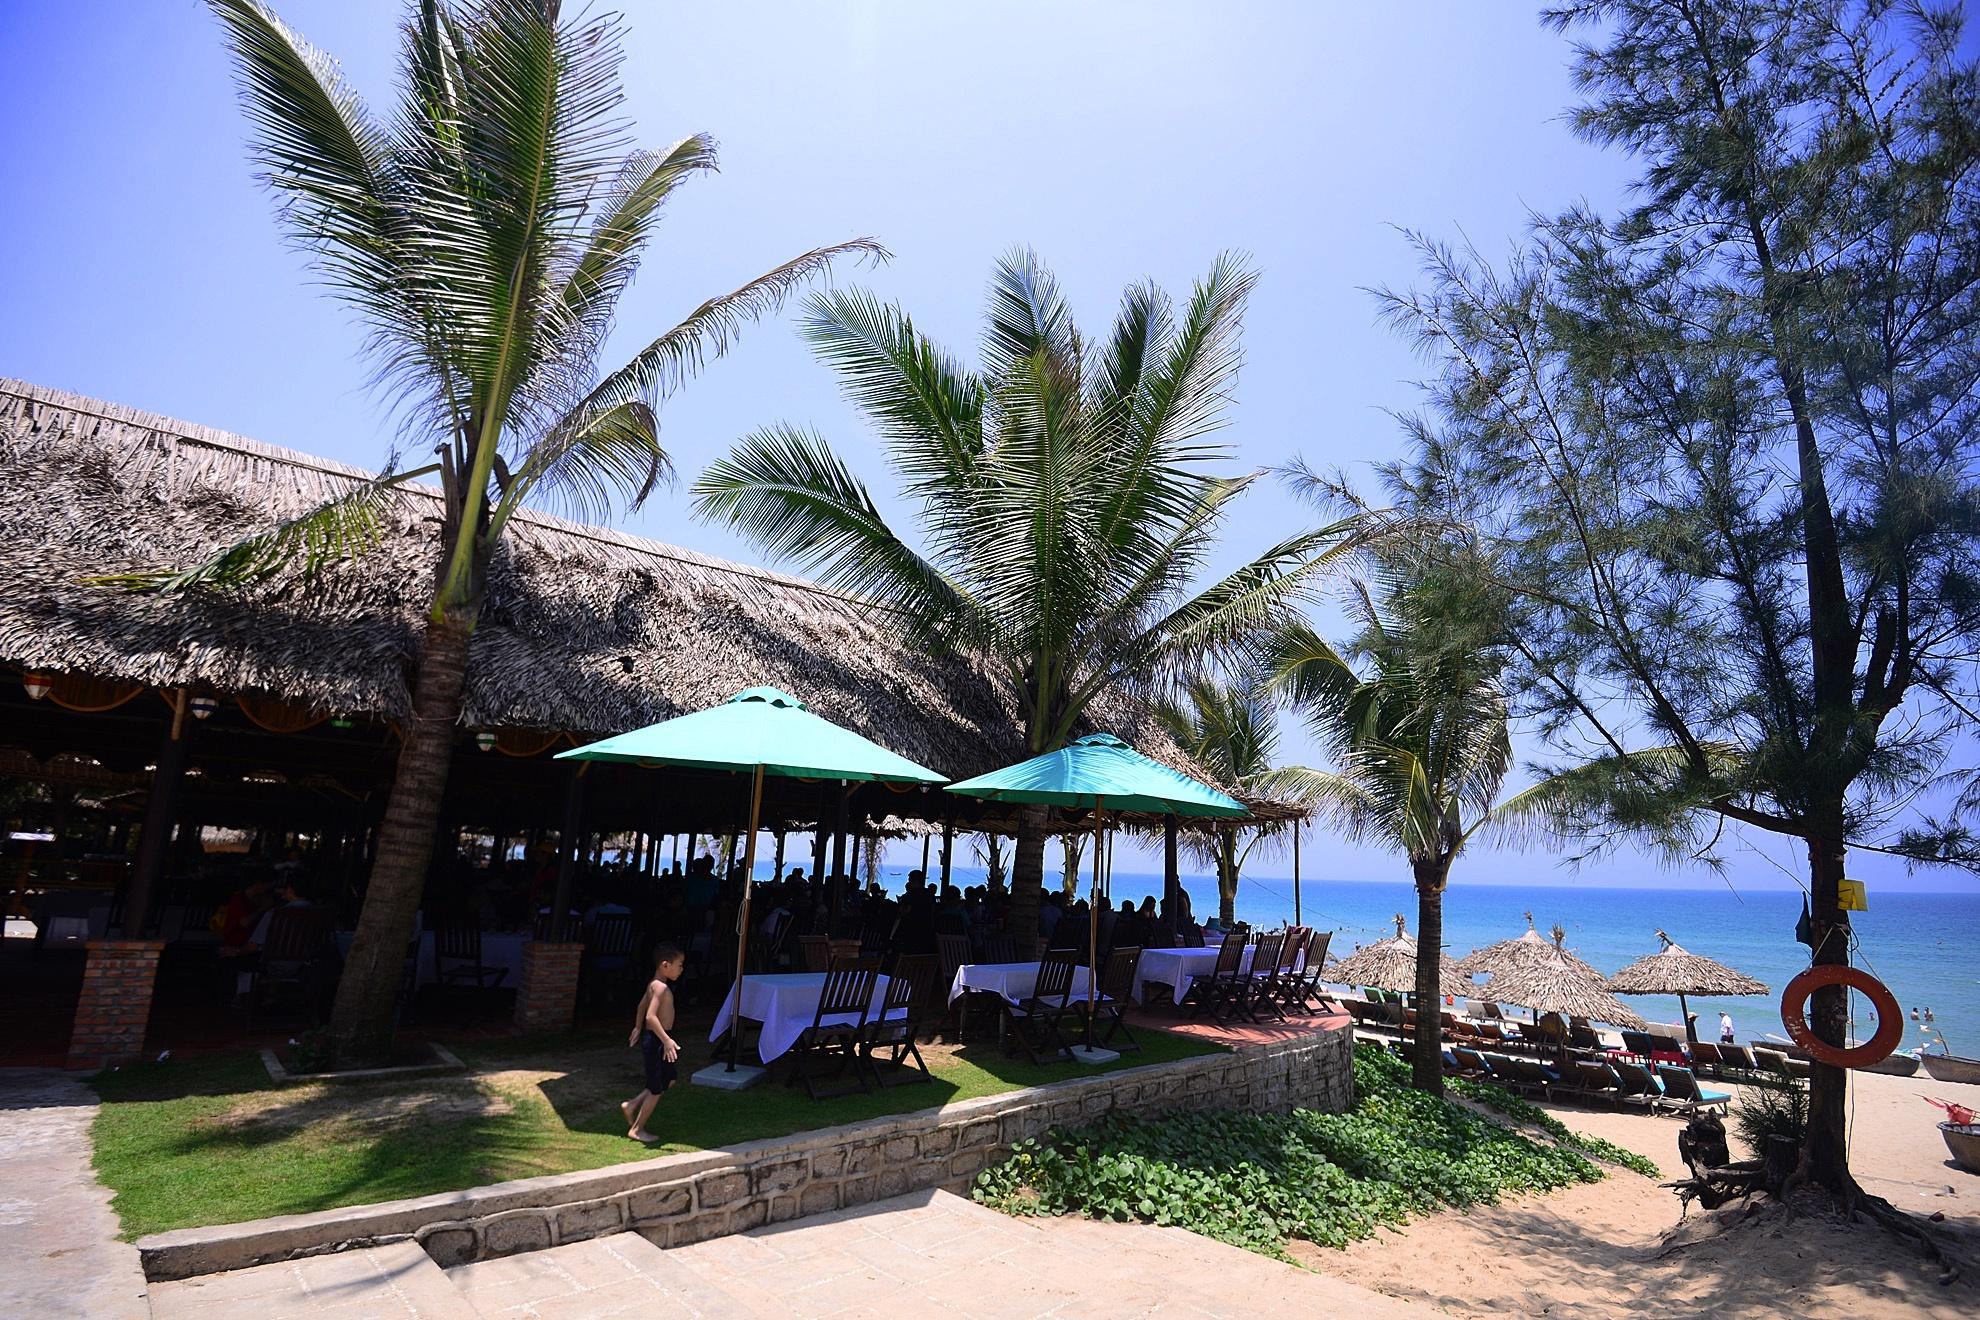 Viet Nam anh 3  - anbang10_zing - An Bàng, Mỹ Khê vào top 25 bãi biển đẹp nhất châu Á